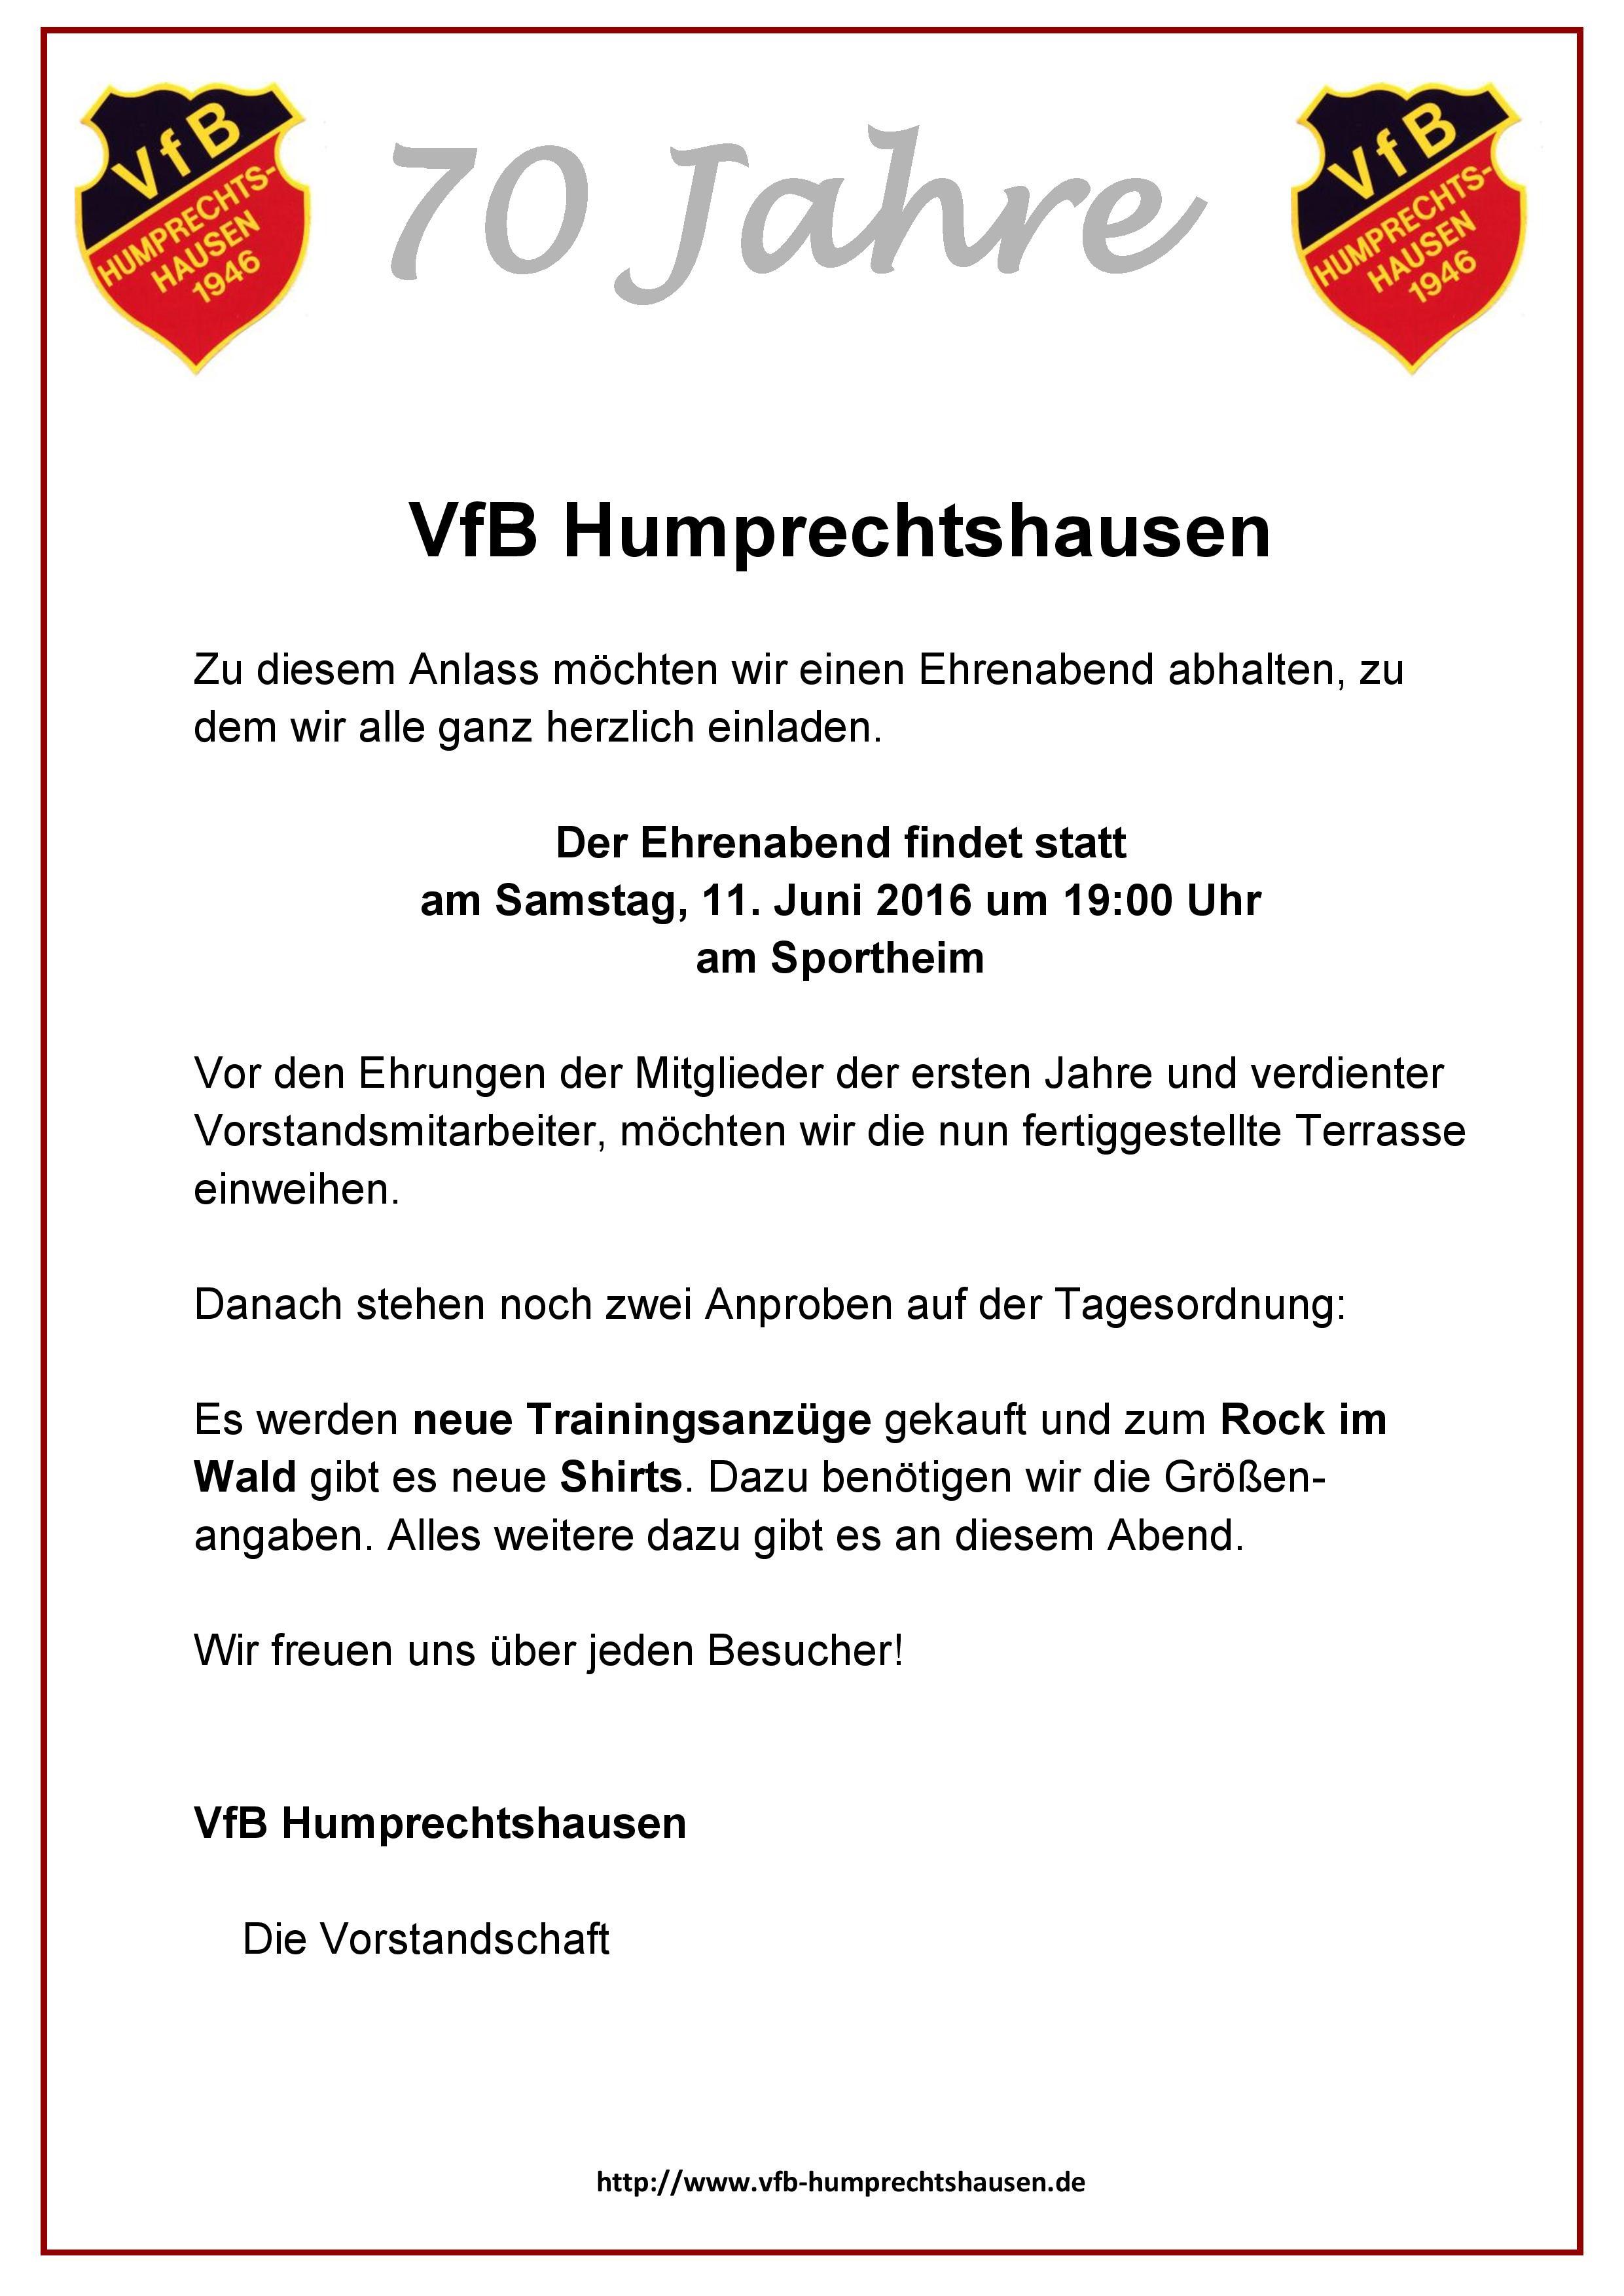 70jähriges Jubiläum_V2-page-001